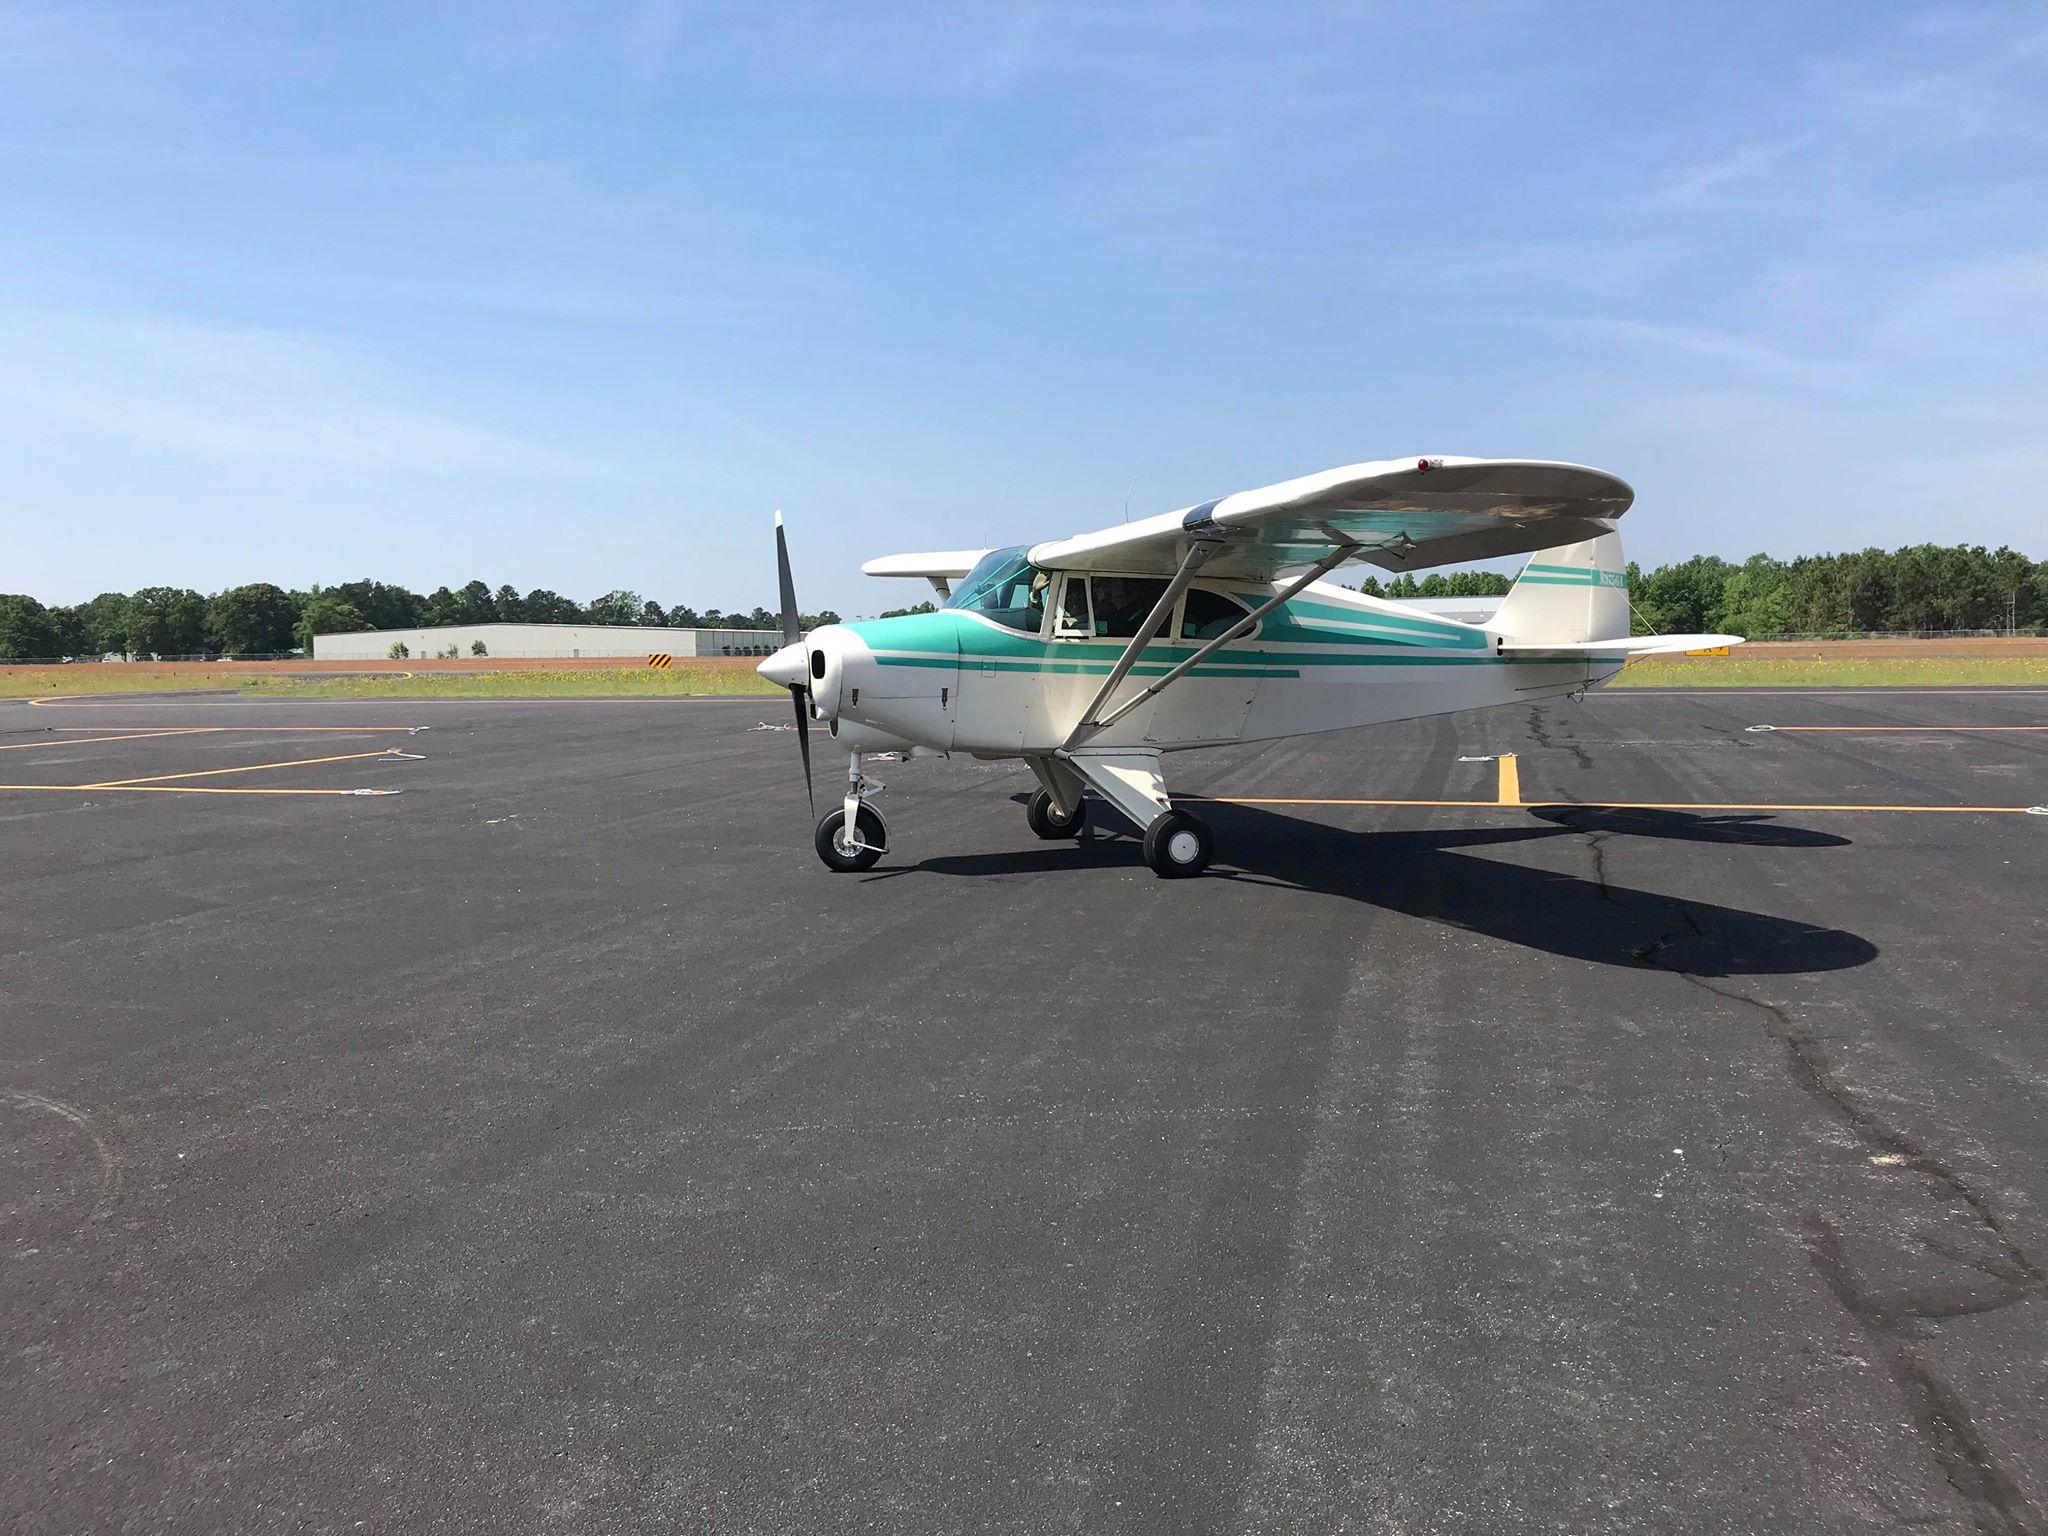 Emeereau airport visit 6